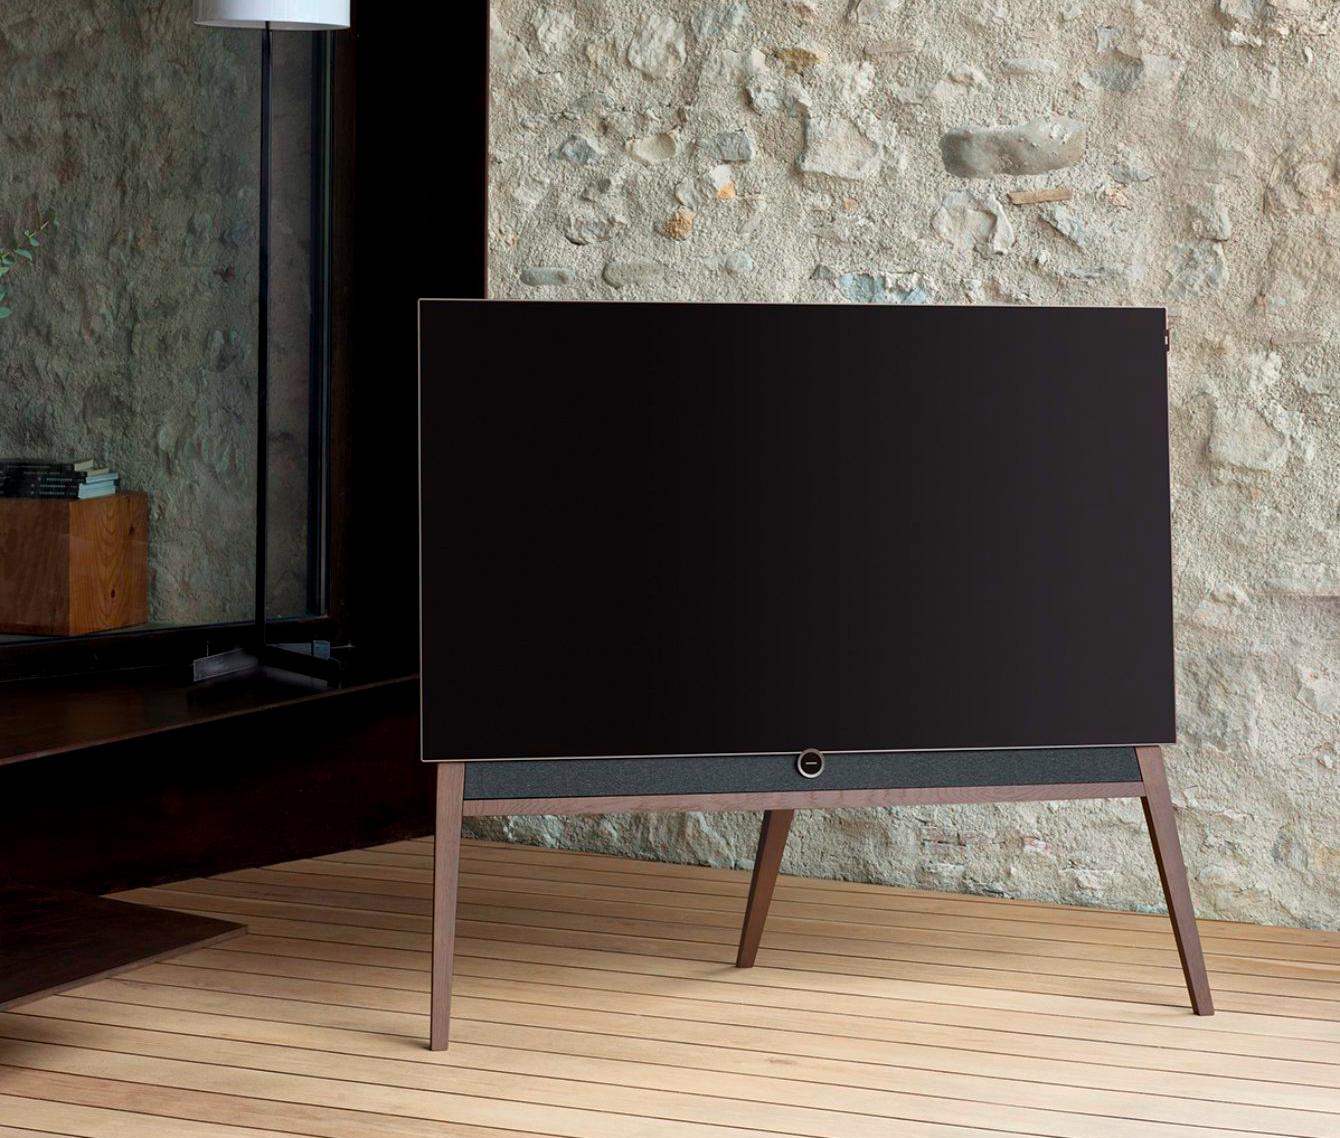 Loewe-TV-1340x0-c-default